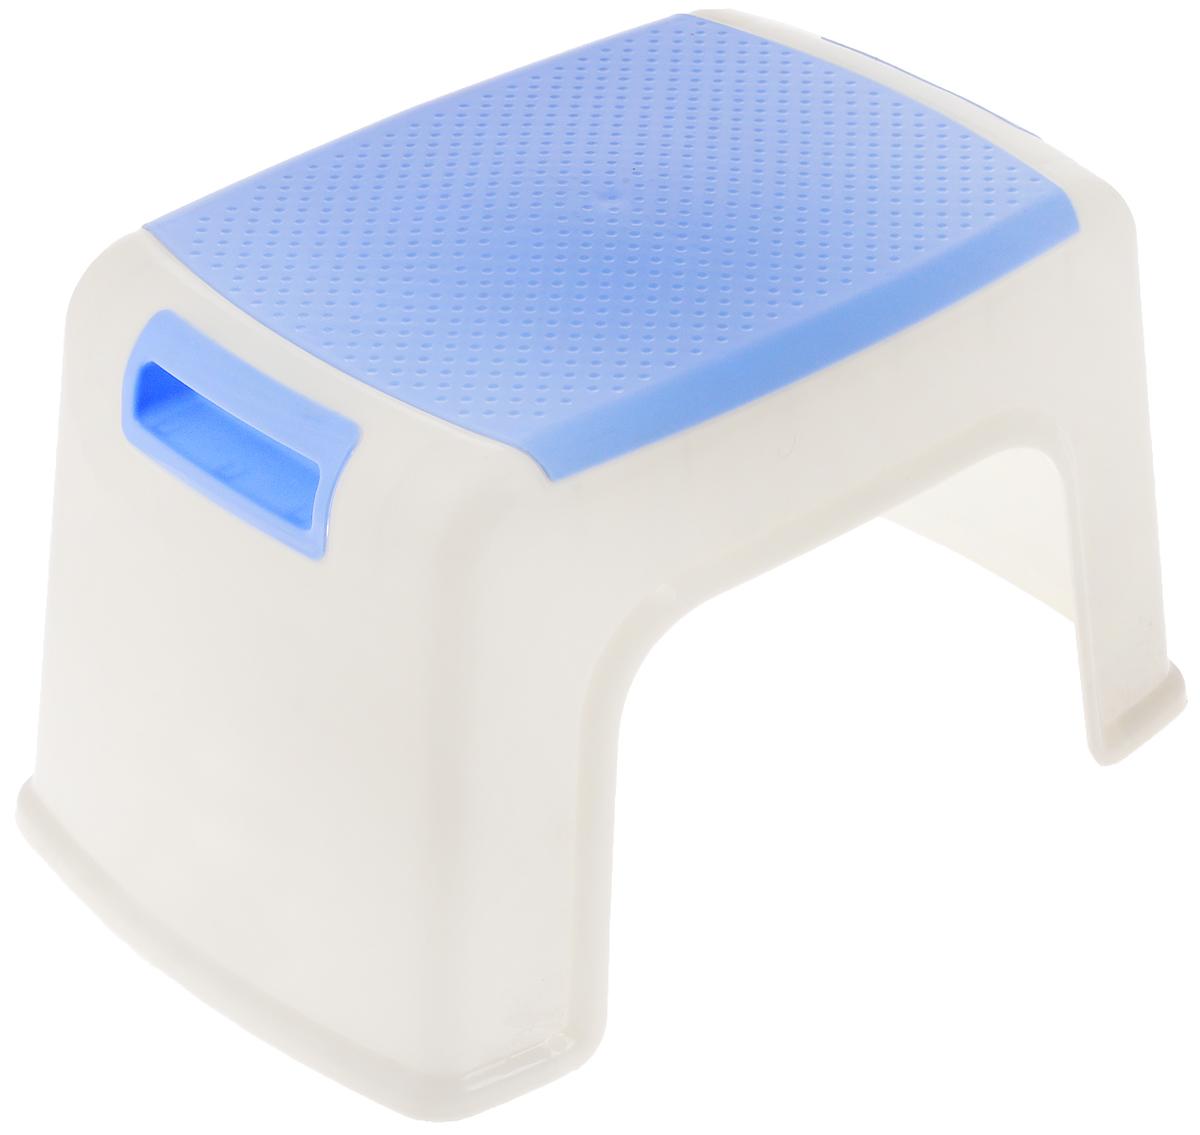 Табурет Изумруд, цвет: белый, голубой, высота 21 смFS-91909Табурет Изумруд выполнен из прочного высококачественного пластика. Надежная опора ножек предотвращает опрокидывание табурета. Сиденье изделия оформлено рельефными кружочками. Такой табурет обязательно пригодится и дома, и на даче. Для удобства переноски табурет снабжен двумя удобными ручками.